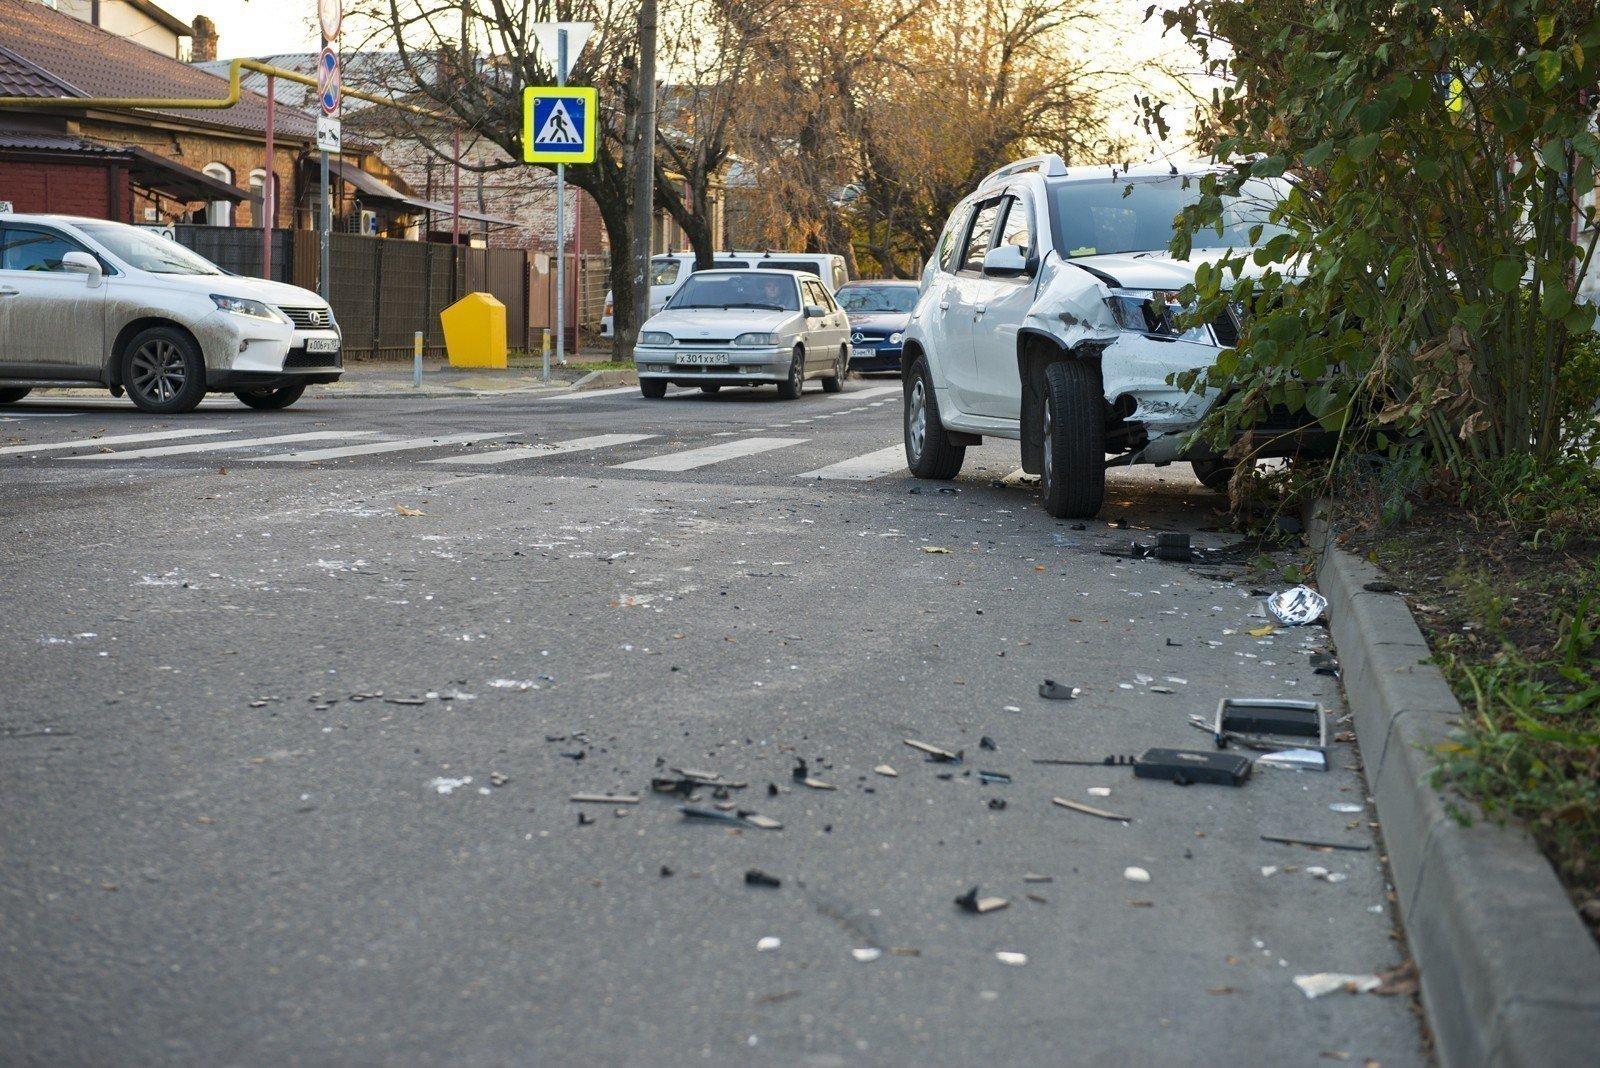 Яндекс составил приблизительно топ-10 самых аварийных мест Краснодара